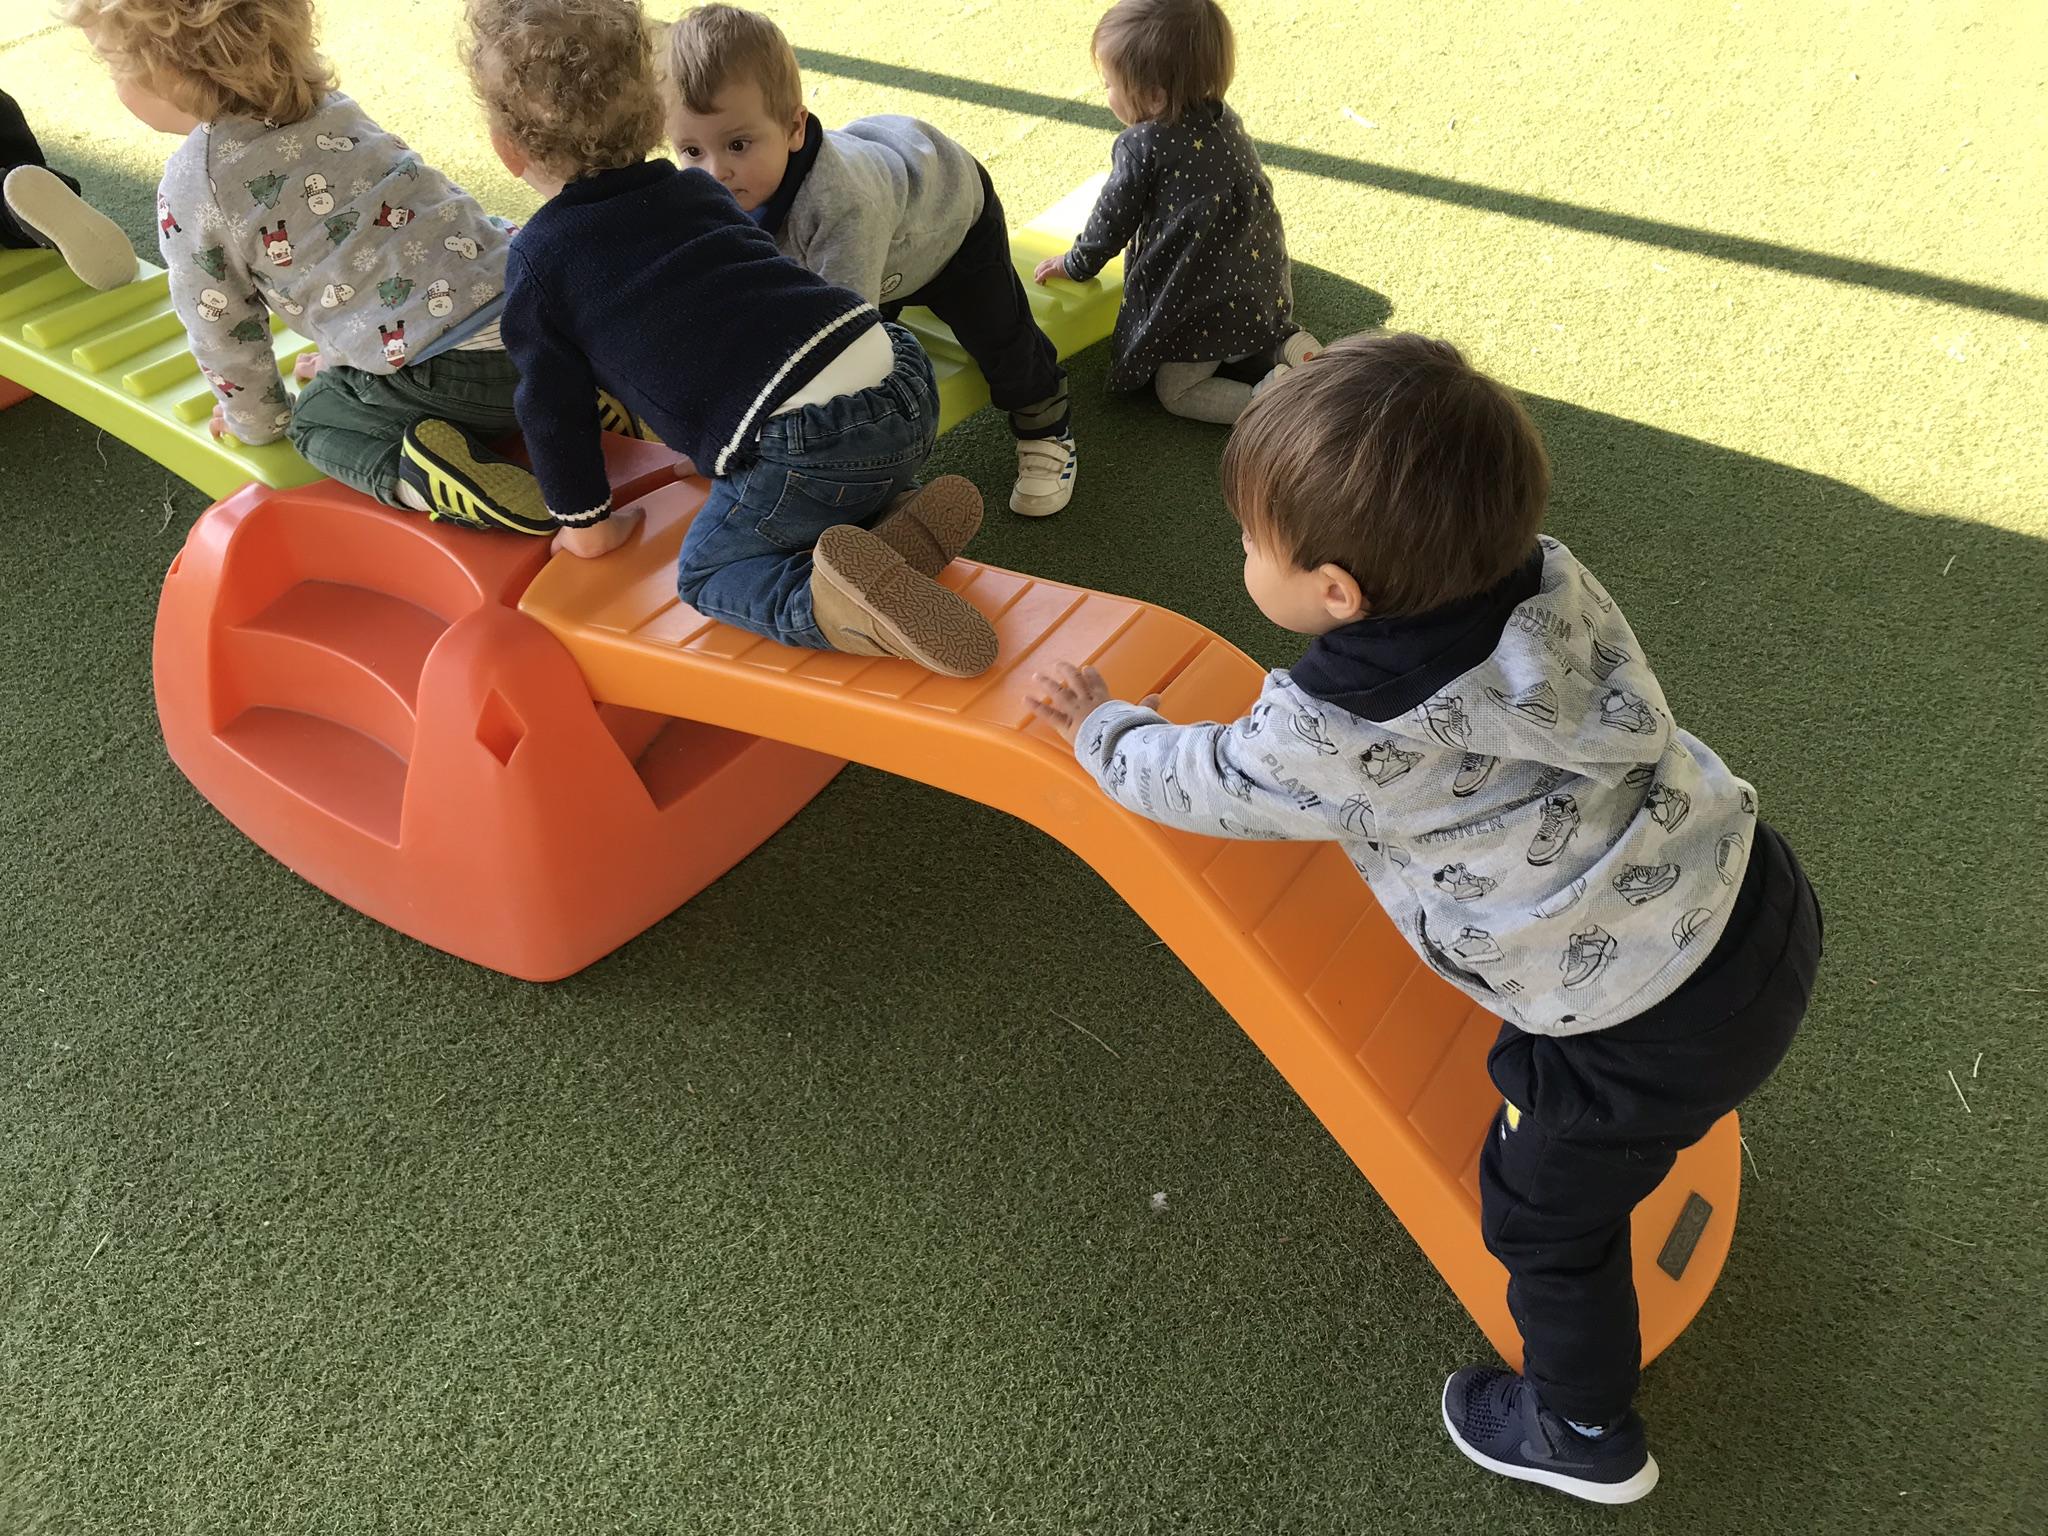 Entre todos practicamos nuestra psicomotricidad infantil en el patio